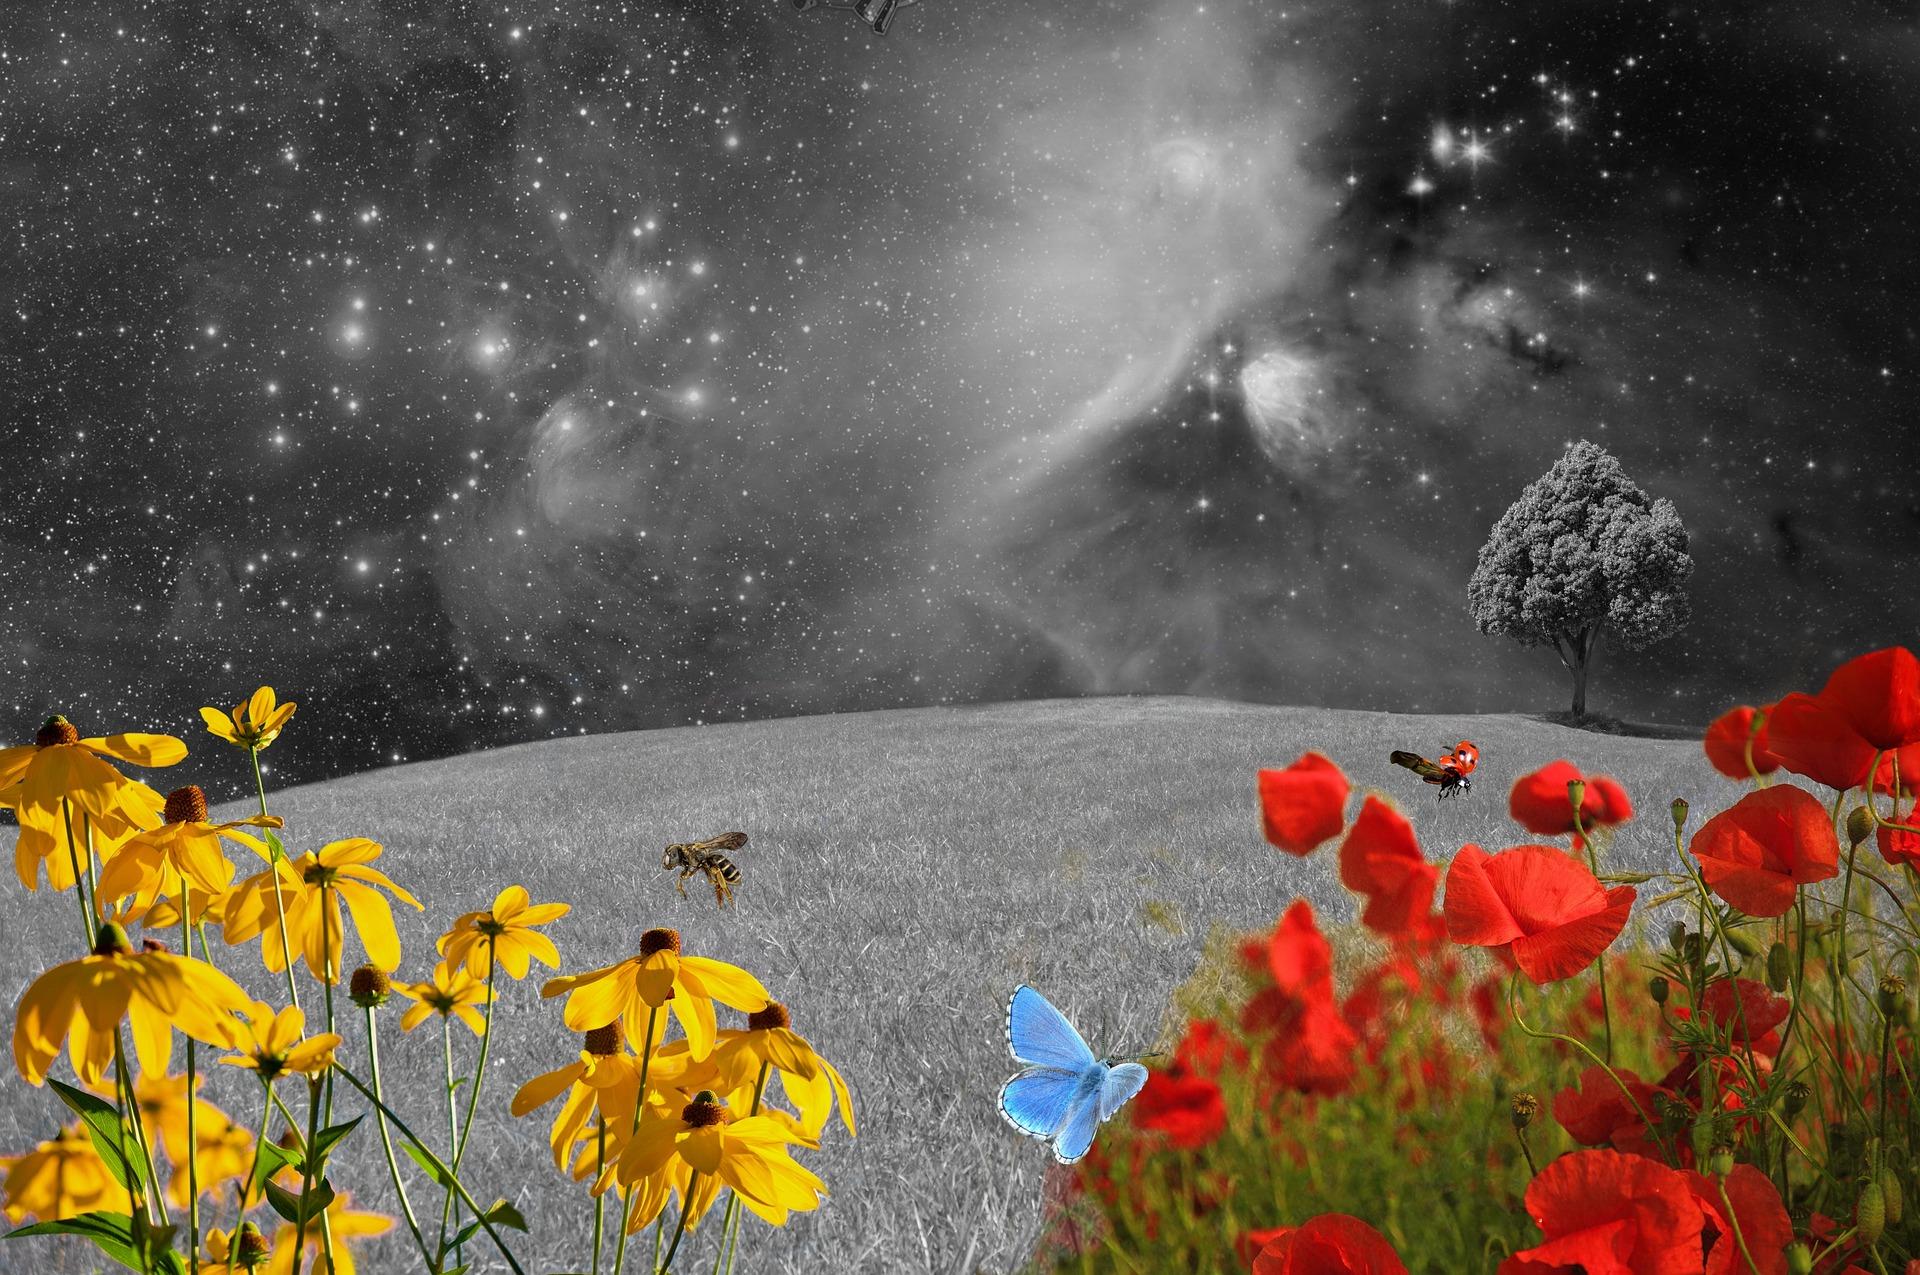 meadow-2401893_1920.jpg